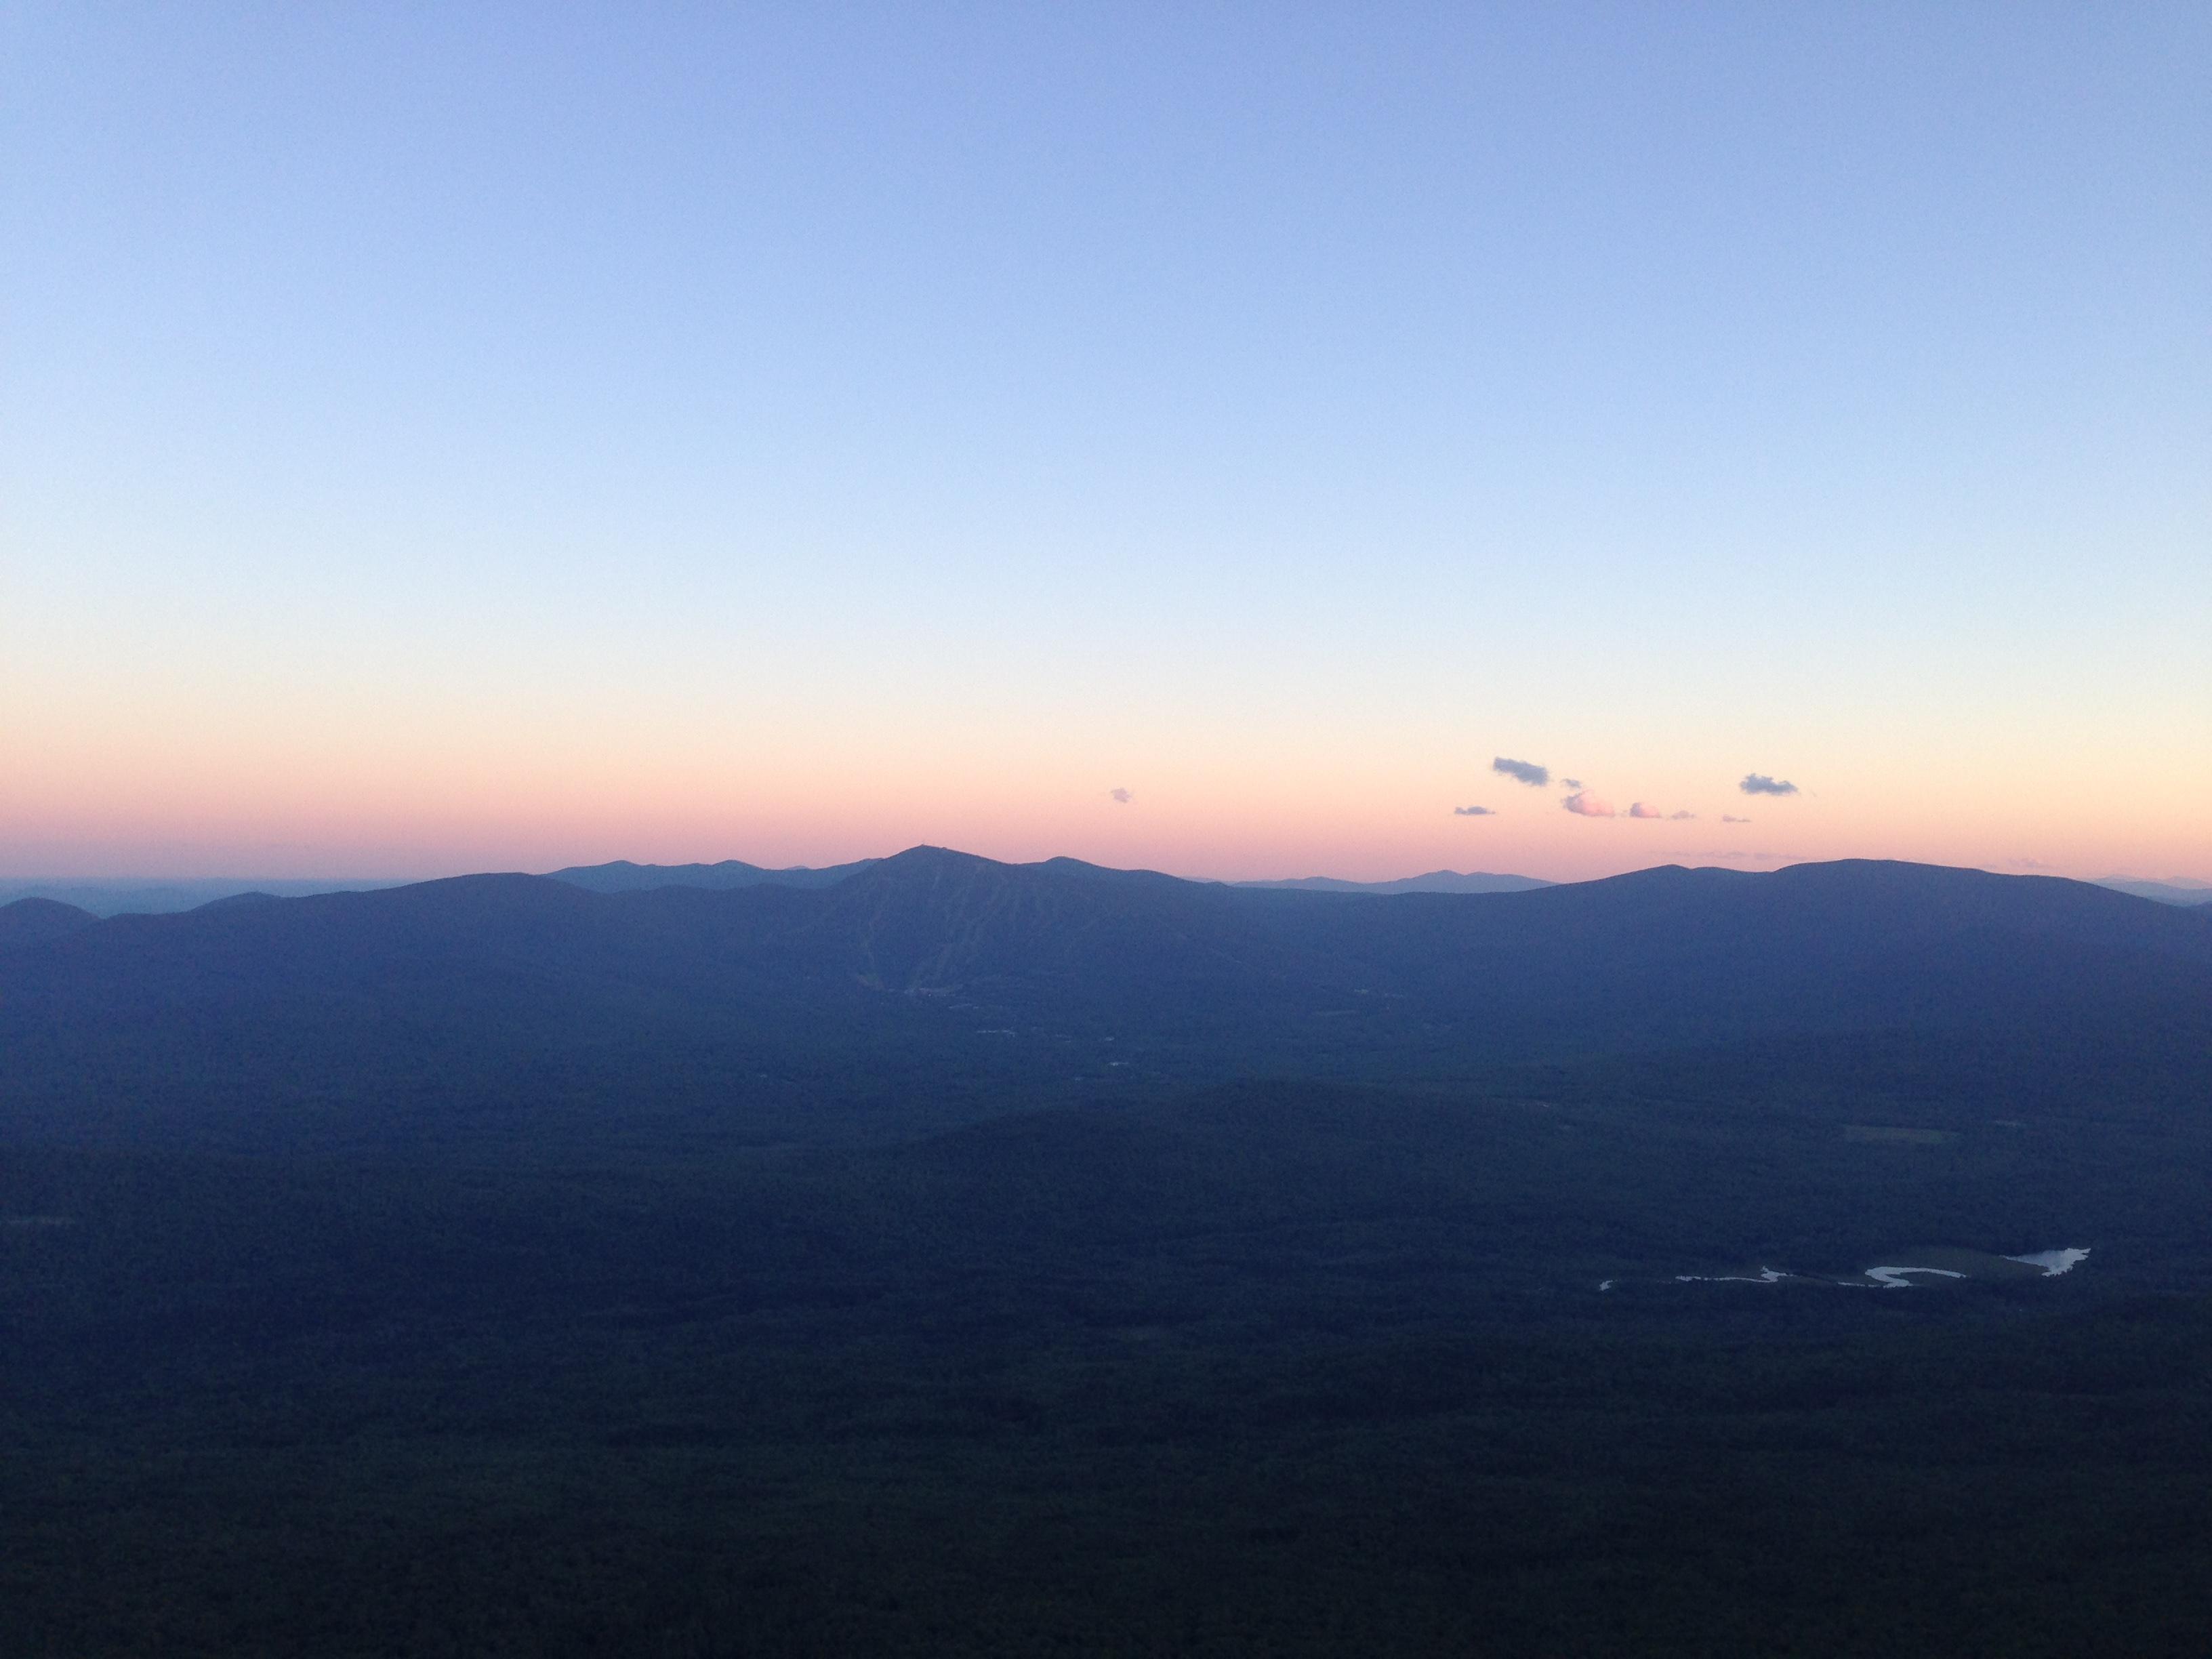 Bigelow West Peak, South